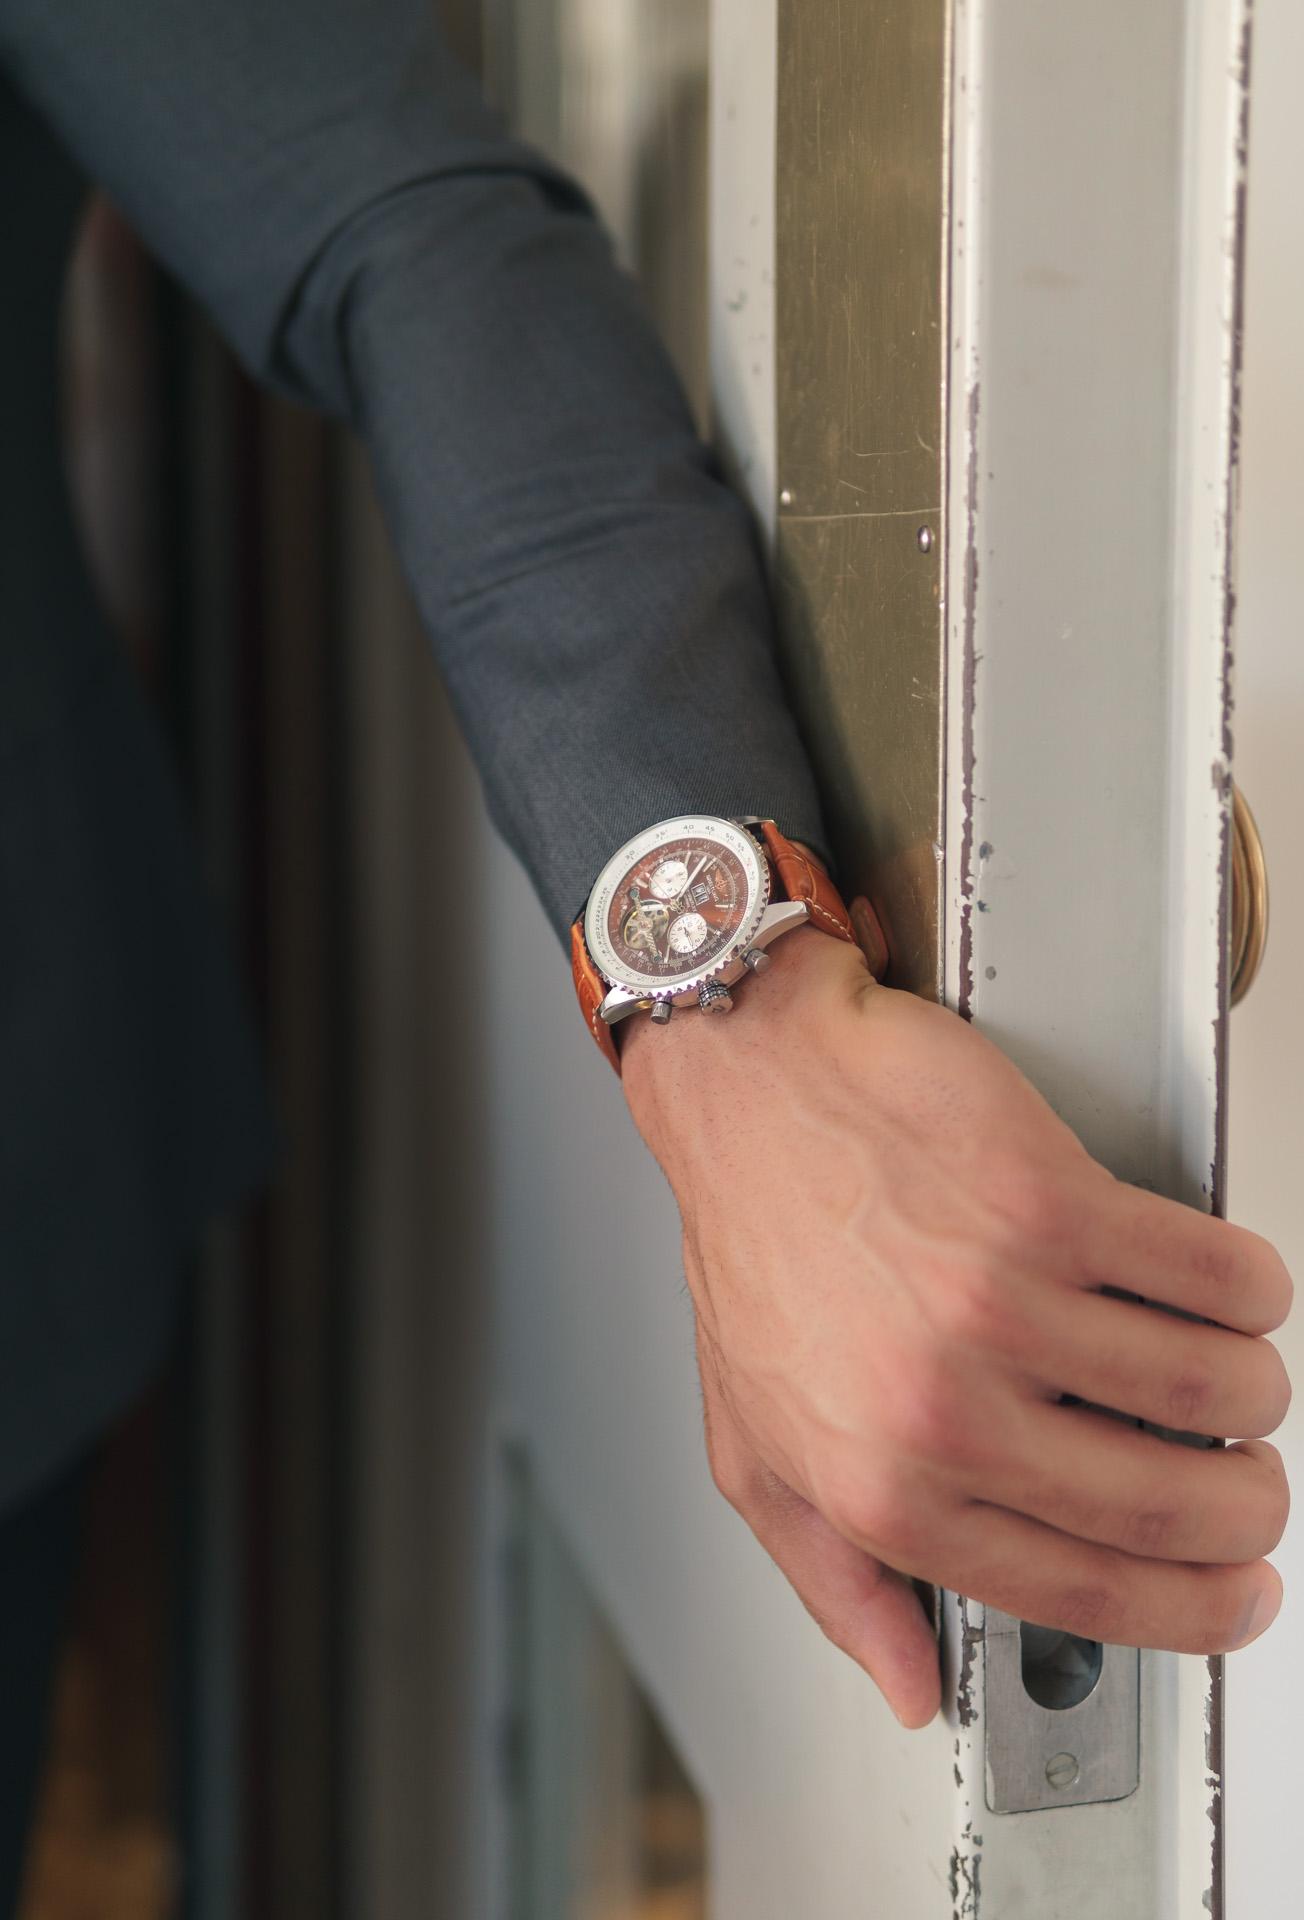 Arm öffnet Tür mit einer Rolex am Handgelenk